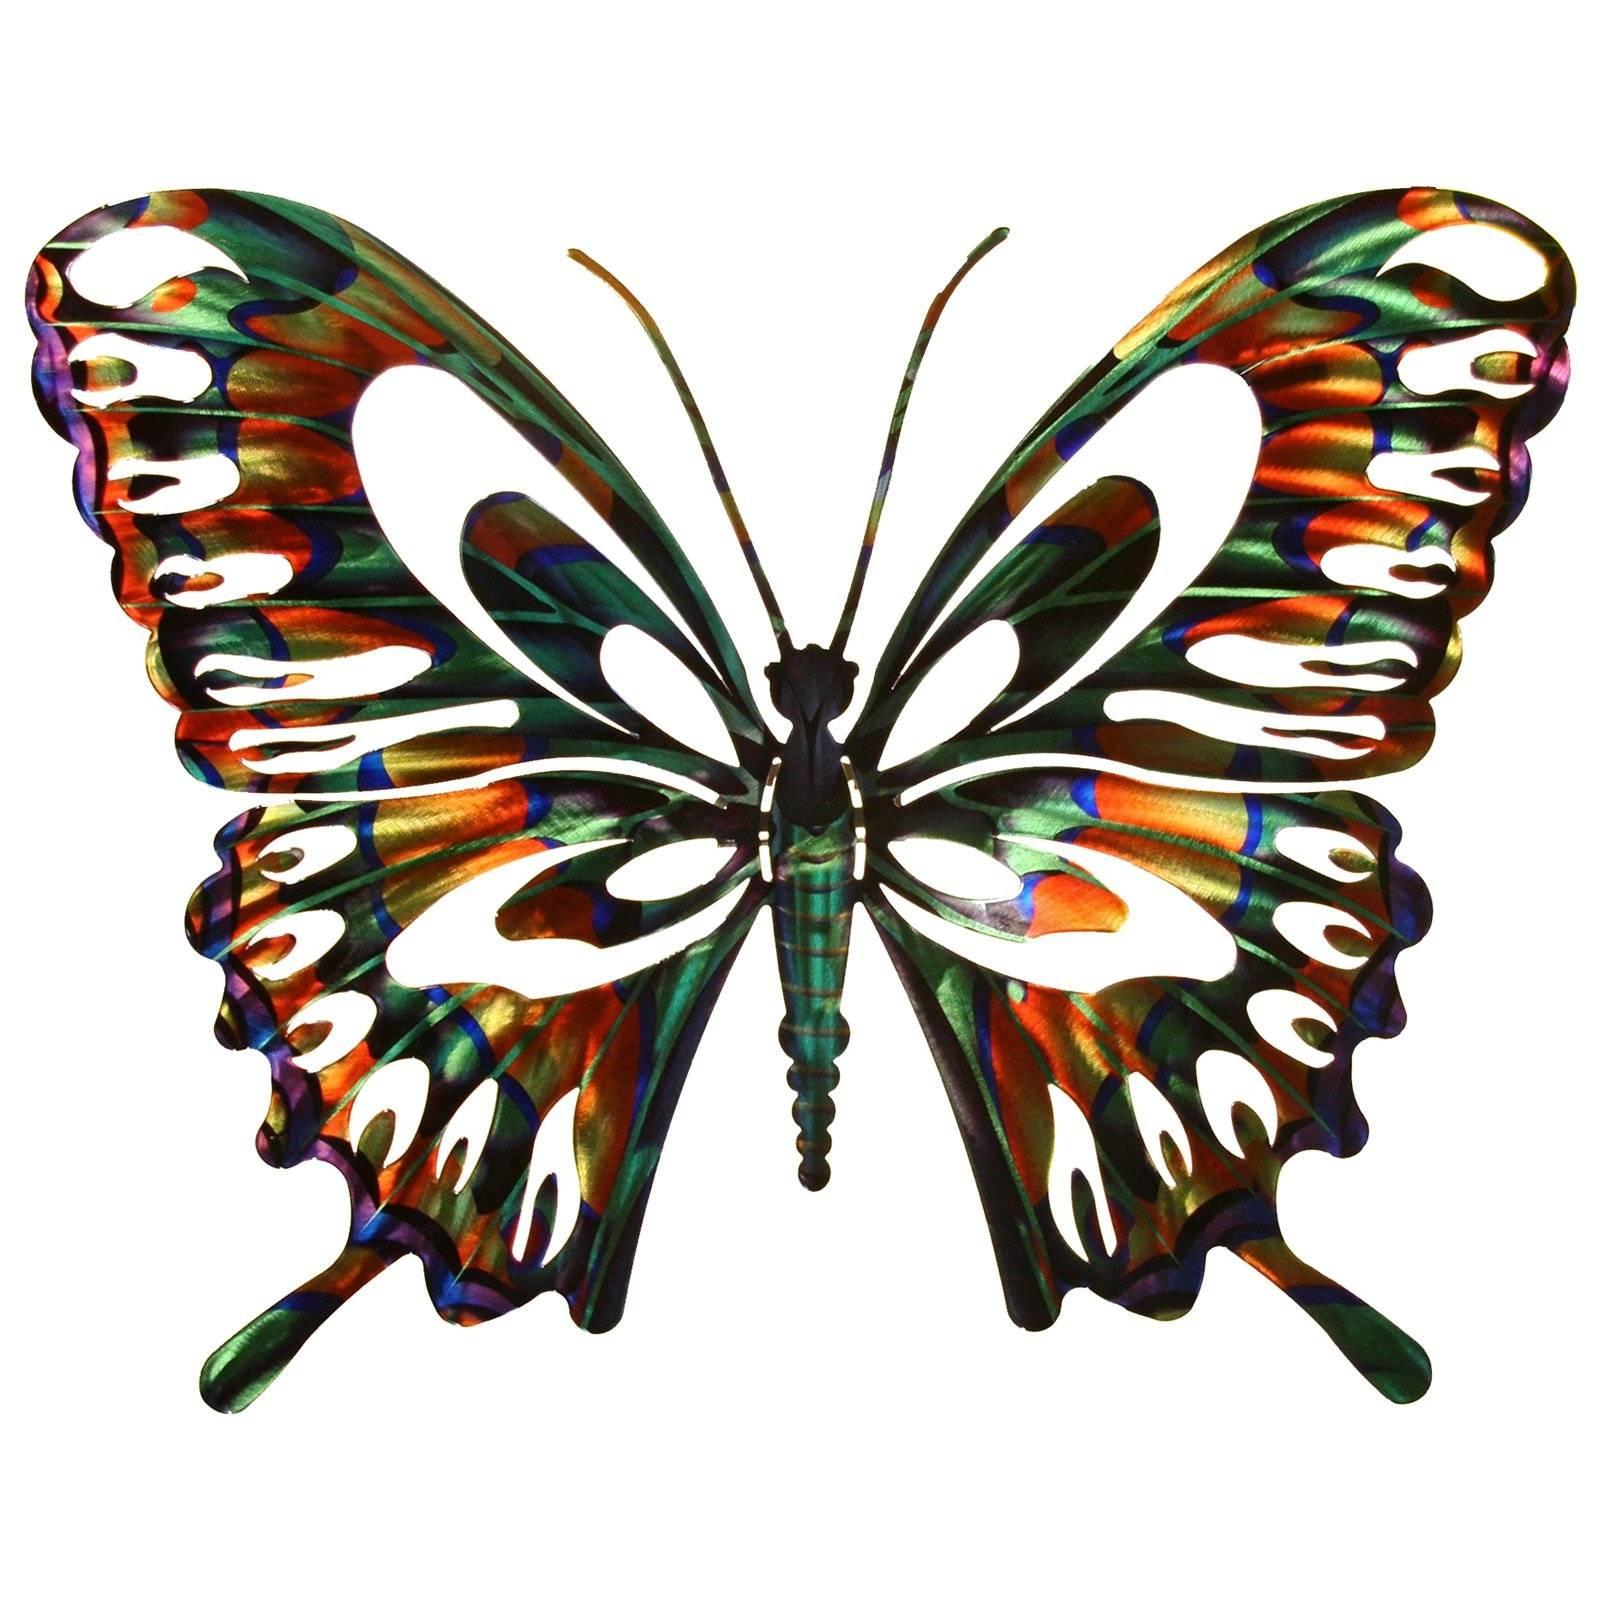 3D Butterfly Metal Outdoor Wall Art | Hayneedle In Latest Butterfly Garden Metal Wall Art (View 6 of 20)